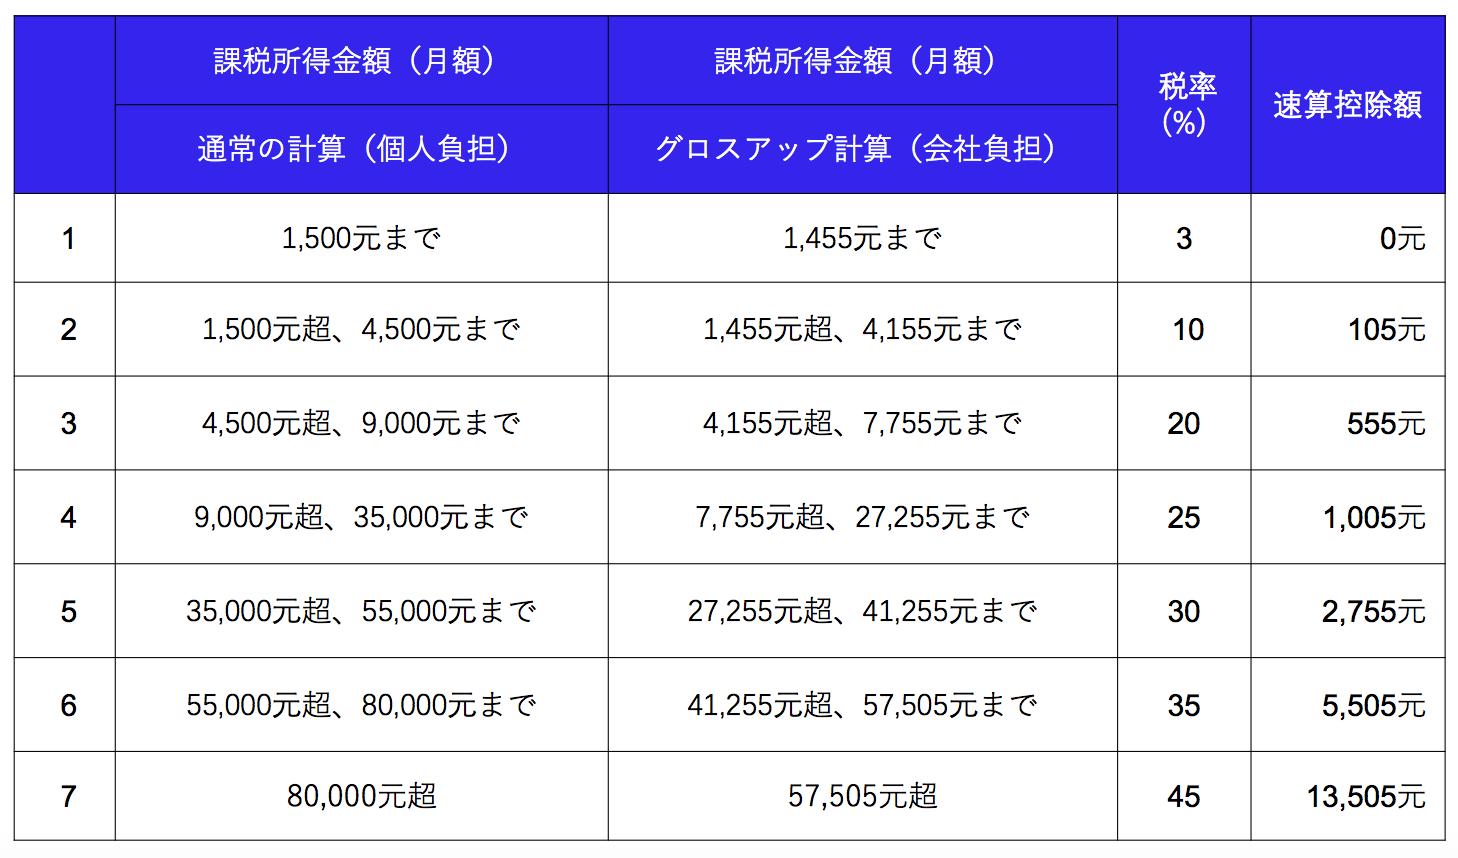 中国 所得税 税率表